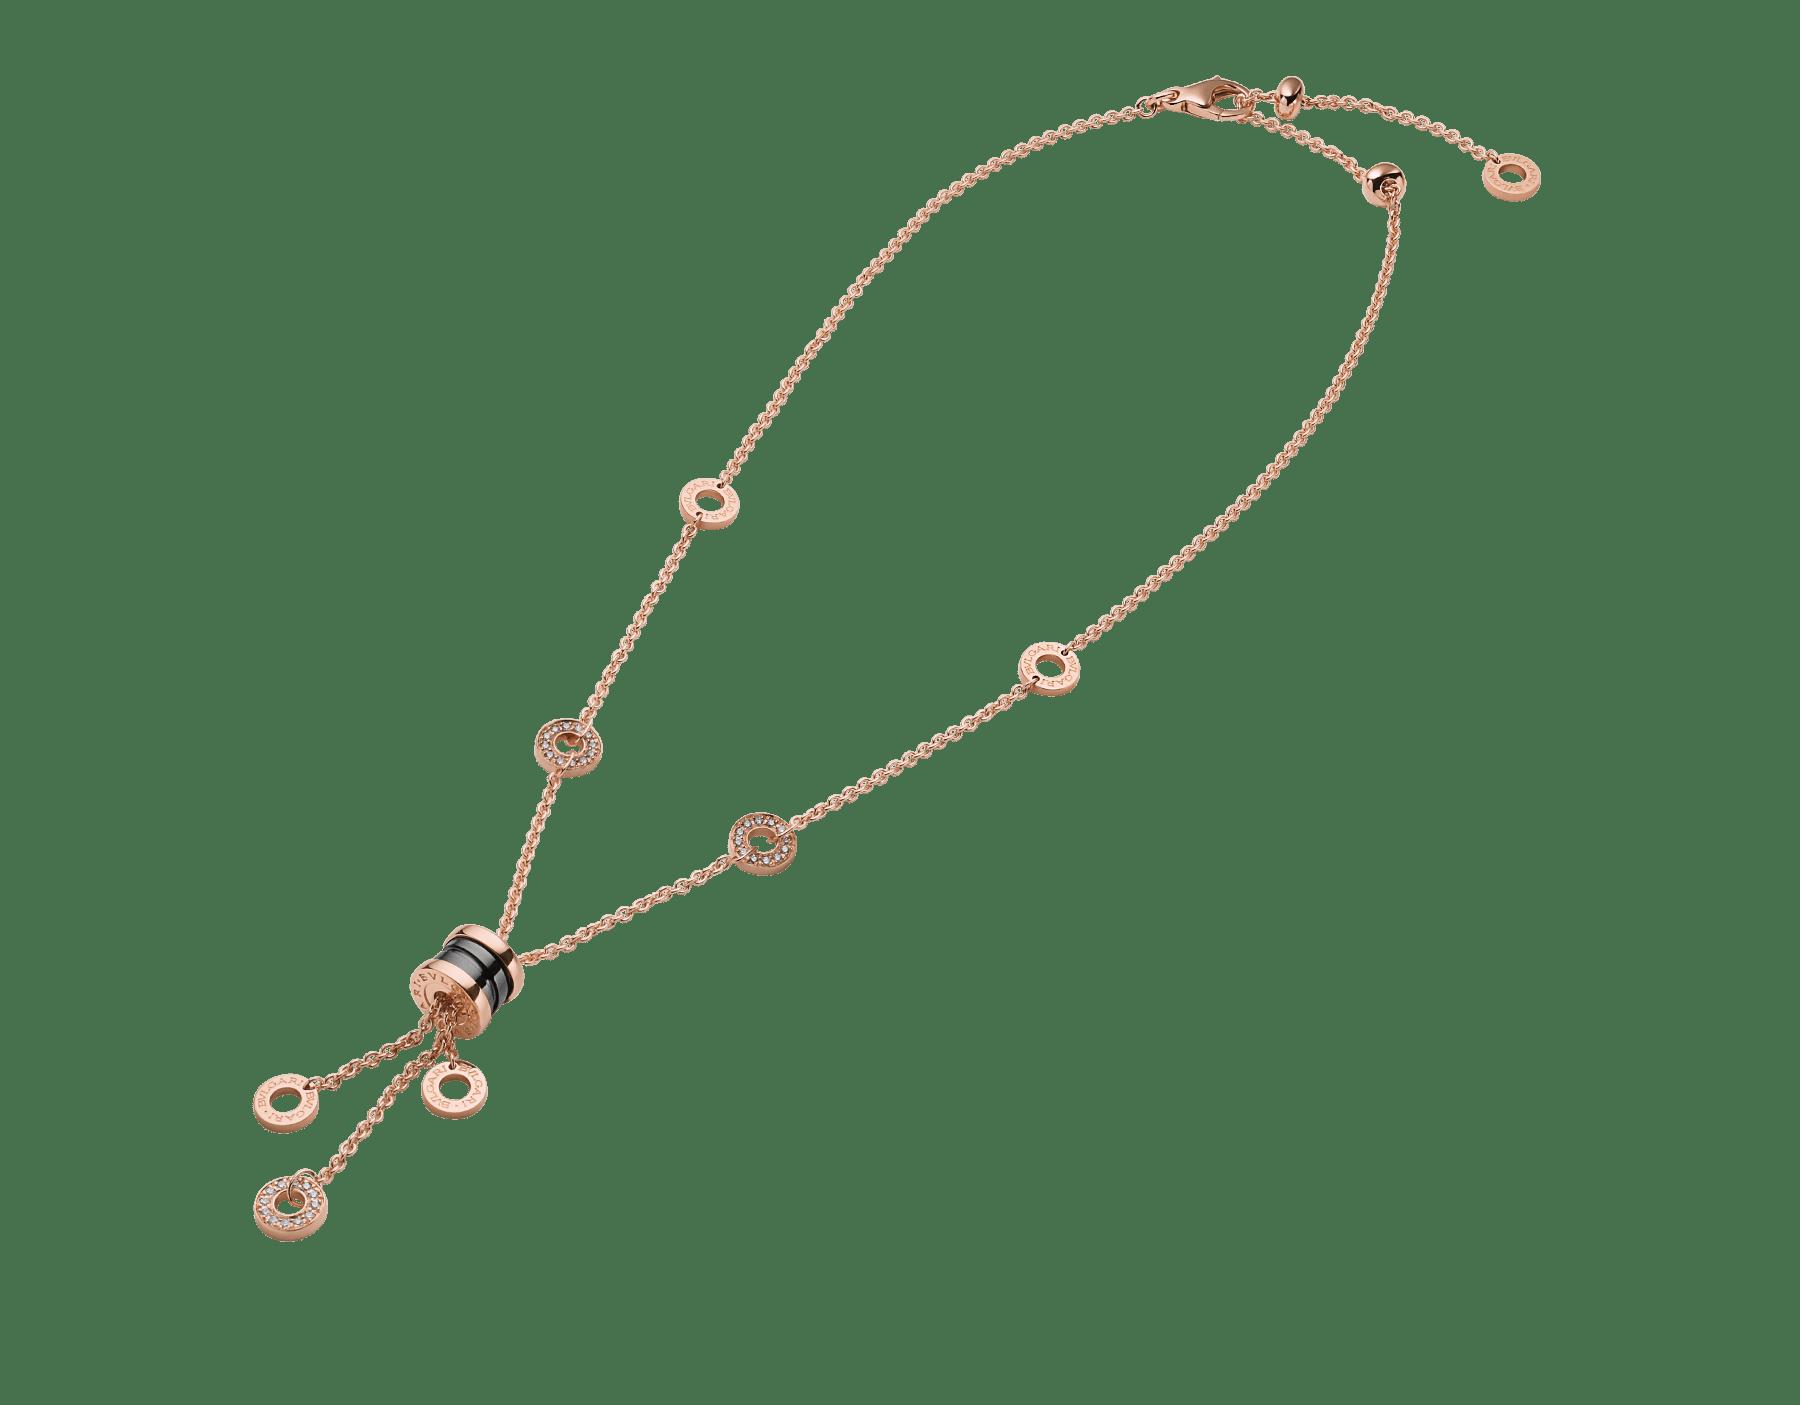 Collier B.zero1 avec chaîne en or rose 18K avec pavé diamants et pendentif en or rose 18K et céramique noire. 347578 image 2